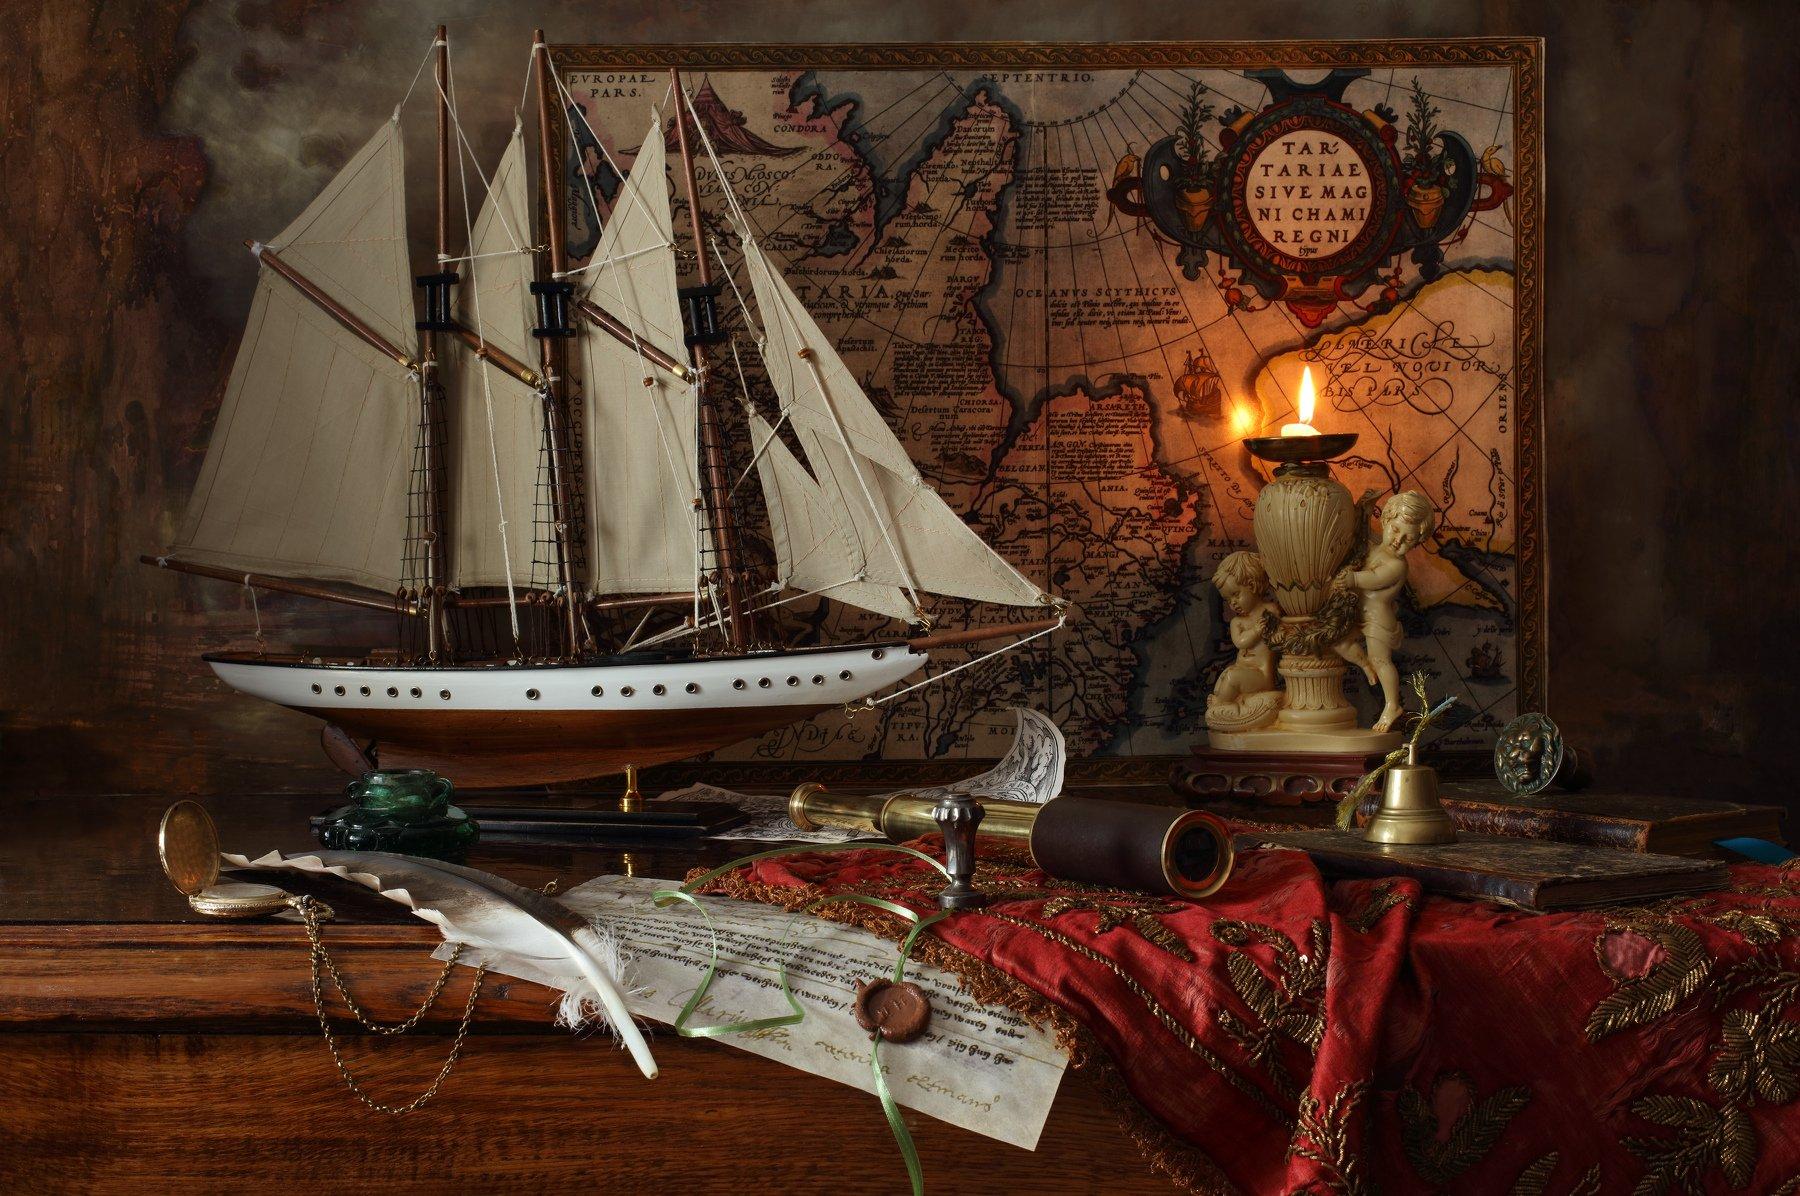 карта, парусник, корабль, свеча, Андрей Морозов